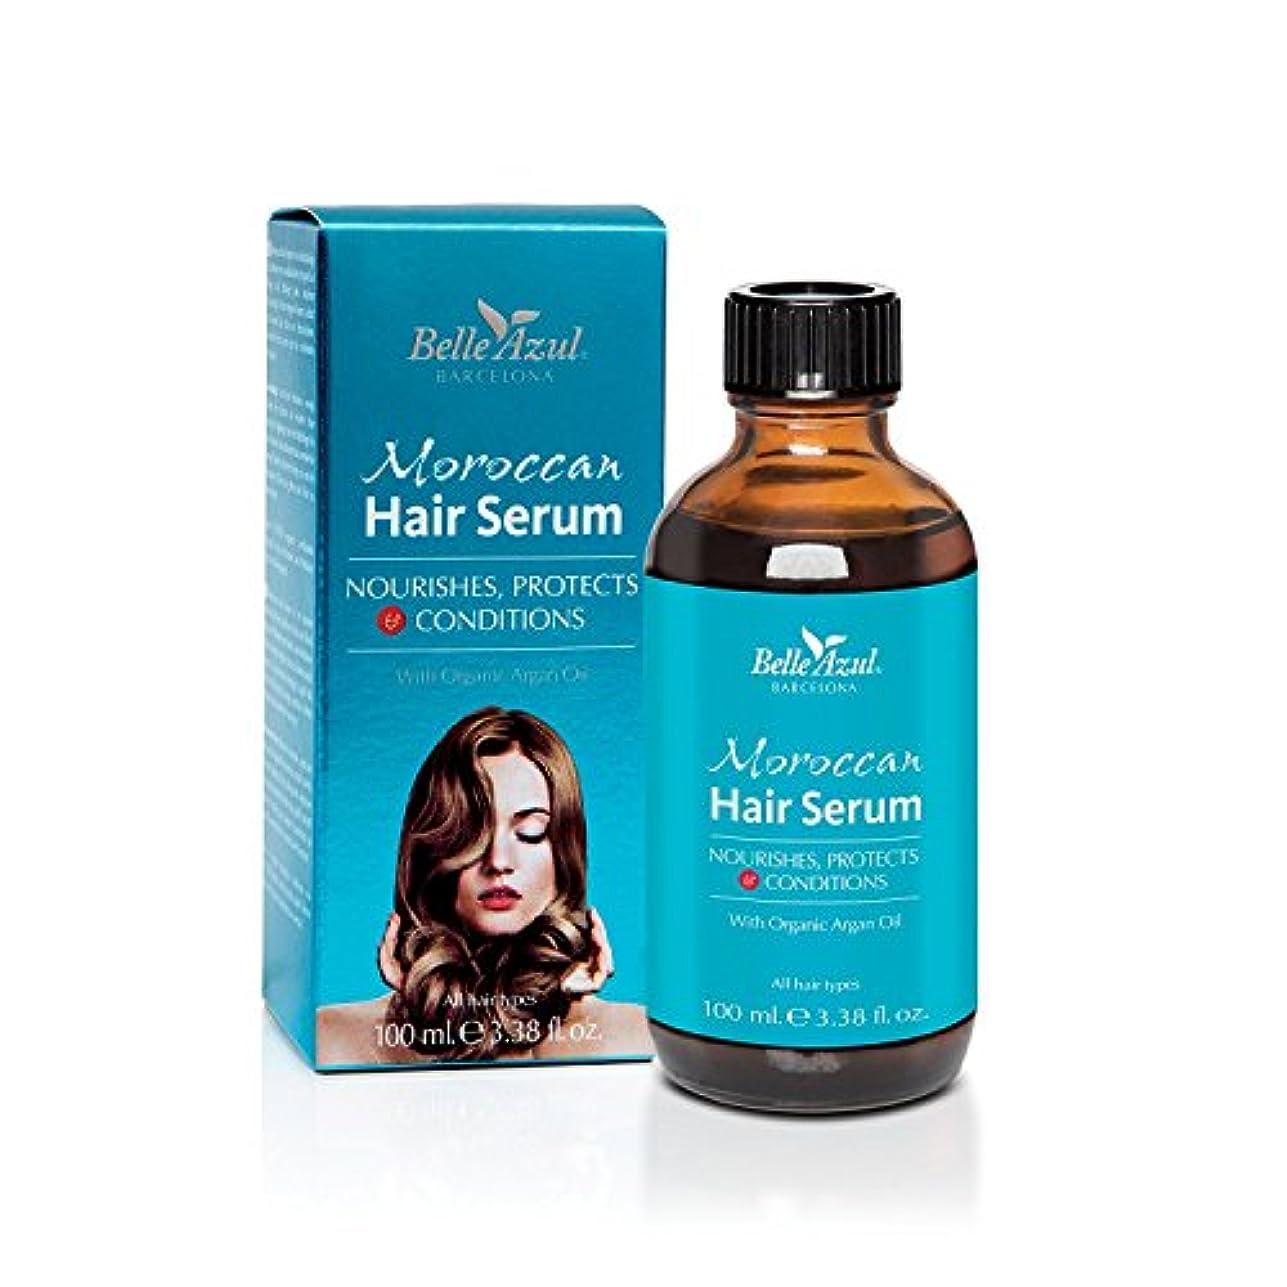 仮定カジュアルクロールベルアスール (Belle Azul) モロッカン ヘア セラム 髪用 美容液 アルガンオイル 配合